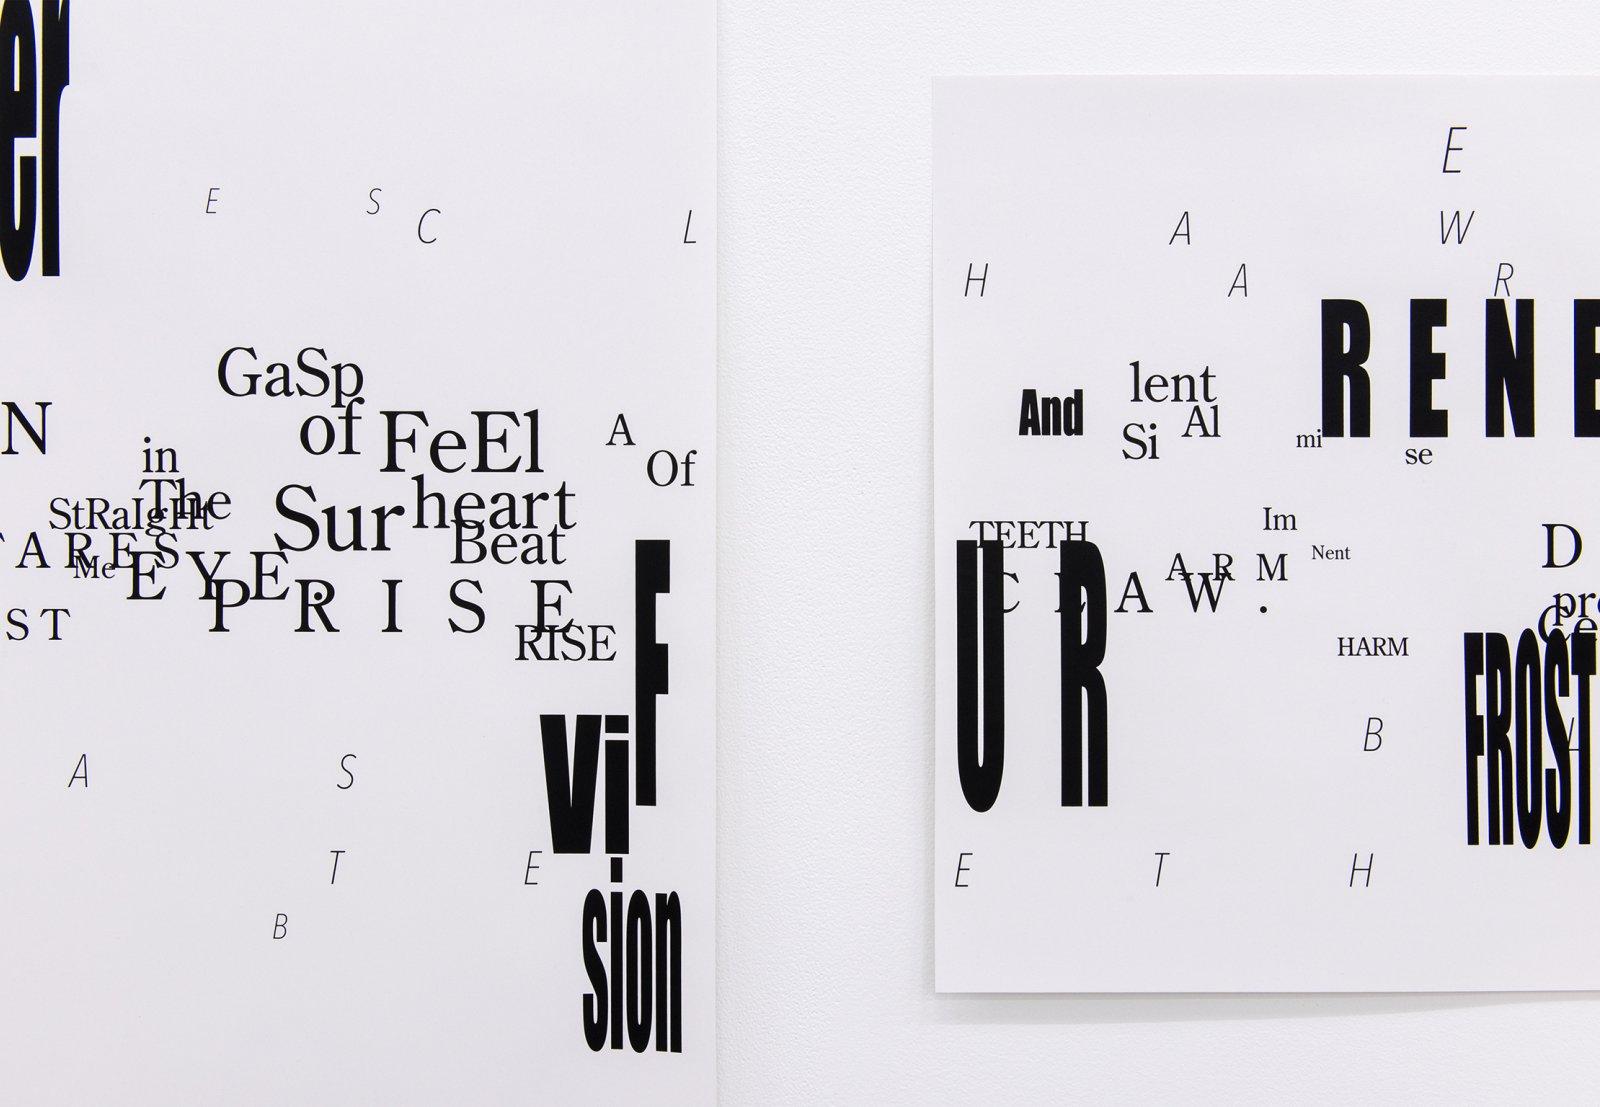 Janice Kerbel, Score, 'Bear' (detail), 2015, 12 silkscreen prints on paper, composition: 33 x 386 in. (84 x 981 cm), each sheet: 22 x 33 in. (56 x 84 cm)  by Janice Kerbel